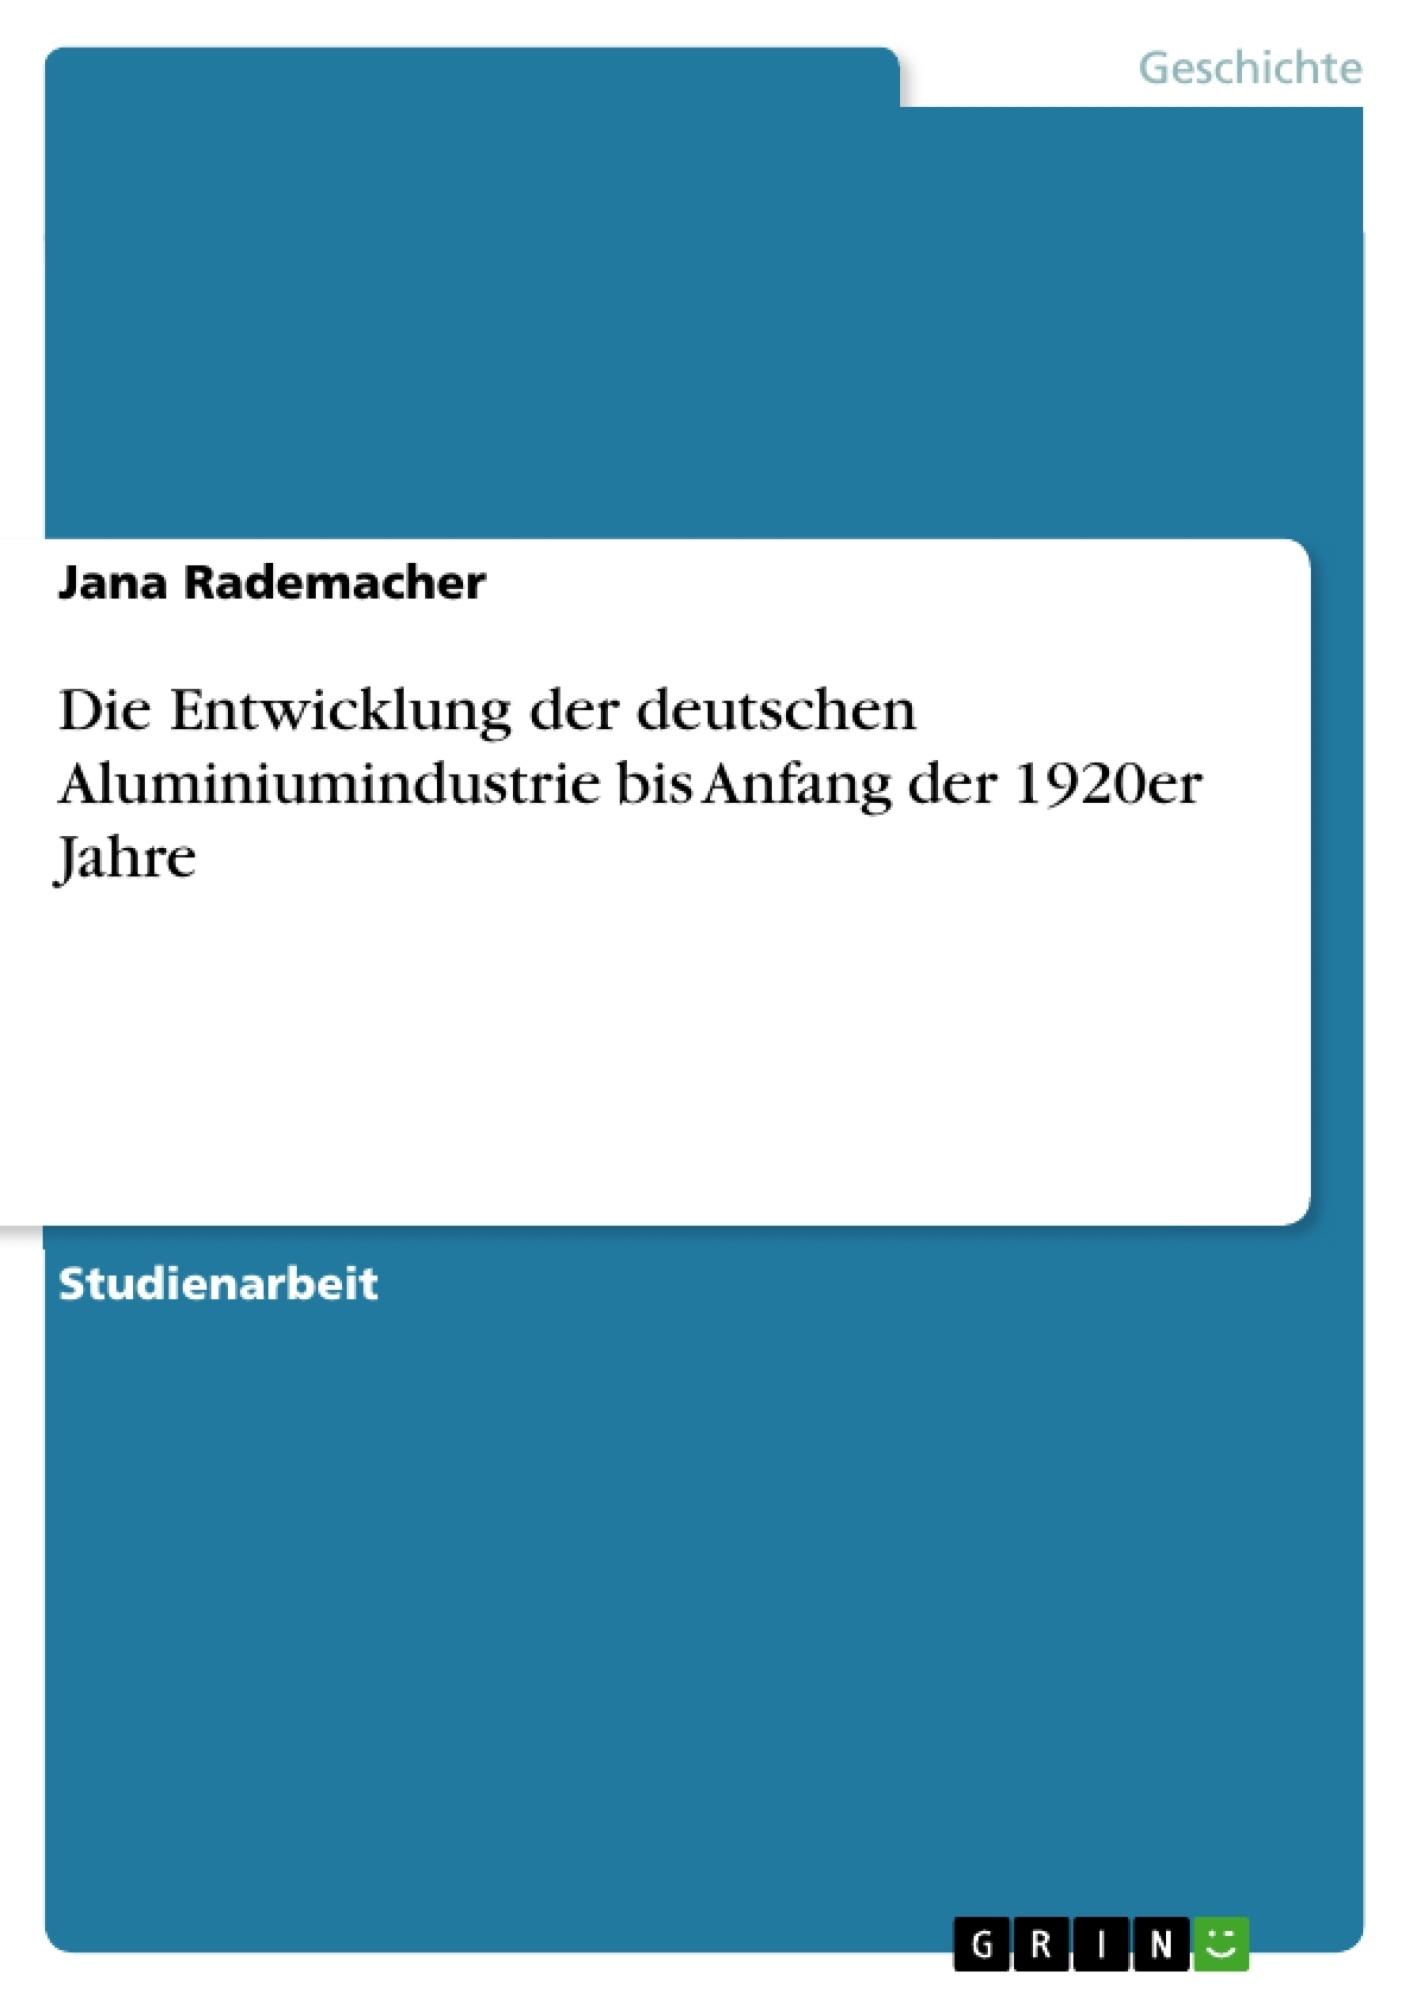 Titel: Die Entwicklung der deutschen Aluminiumindustrie bis Anfang der 1920er Jahre